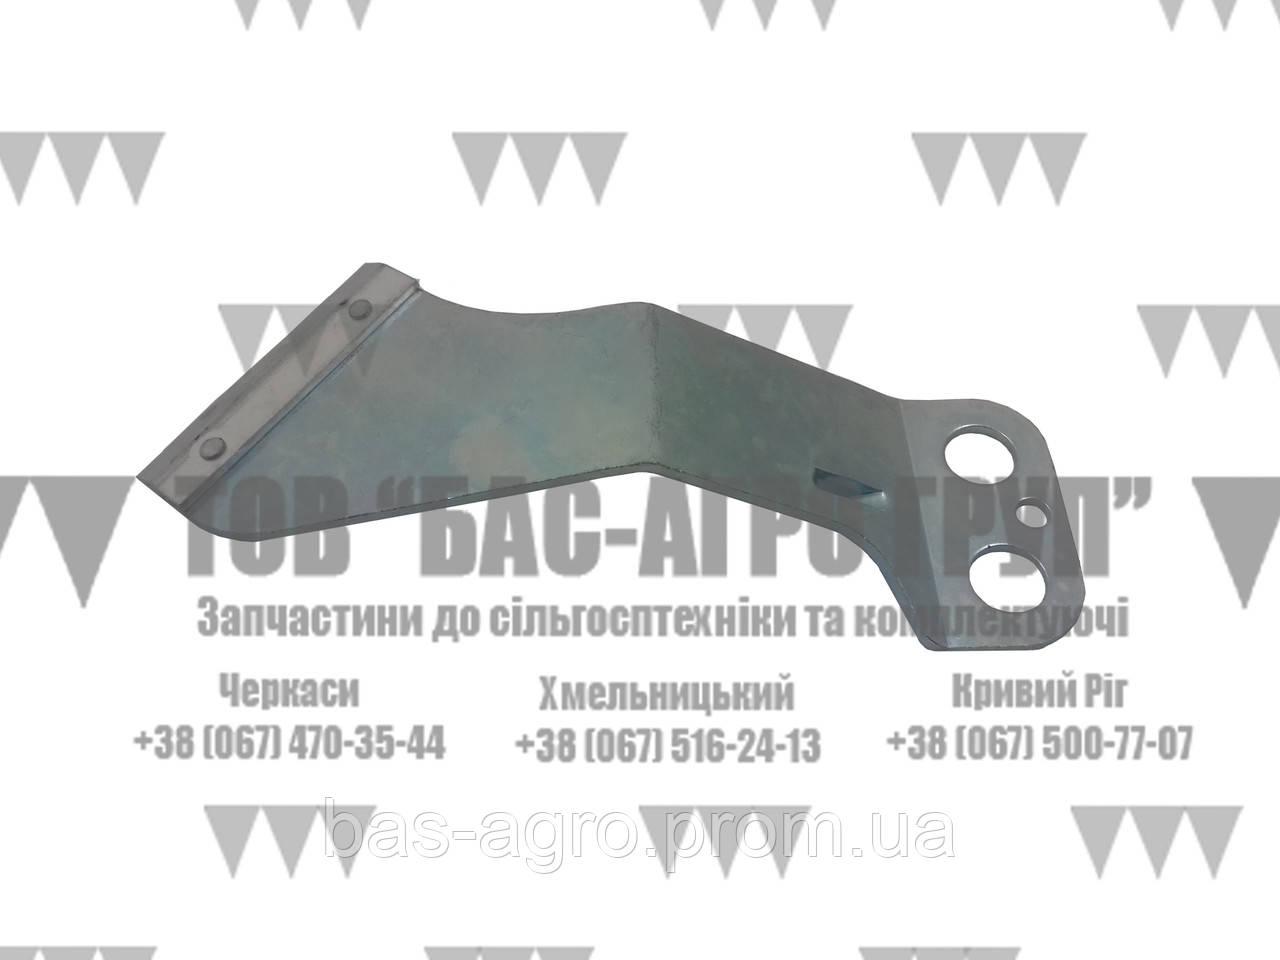 Чистик правый Gaspardo GA5220310 аналог